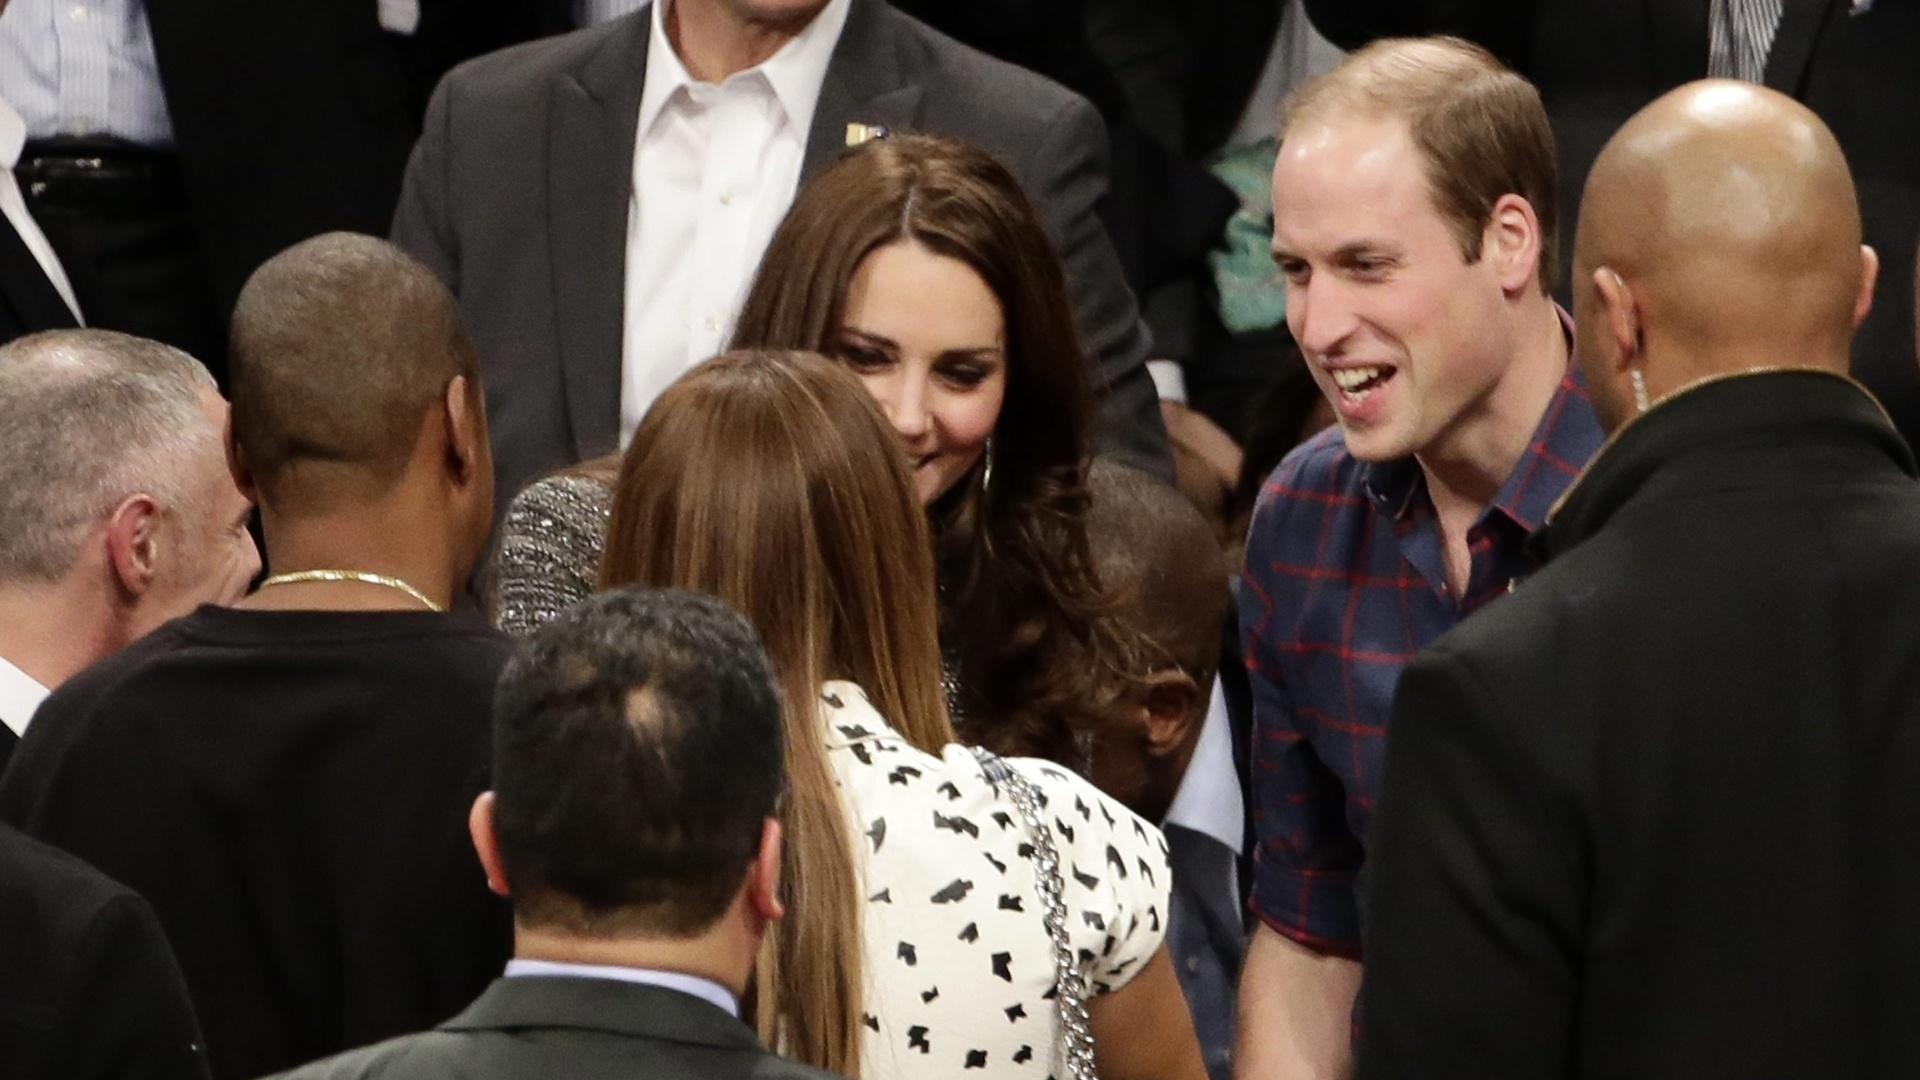 8.dez.2014 - Príncipe William e Kate Middleton assistiram a uma partida de basquete da NBA em Nova York nesta segunda-feira (8). O casal encontrou a realeza do R&B, Beyoncé e Jay-Z e conversaram ainda na quadra